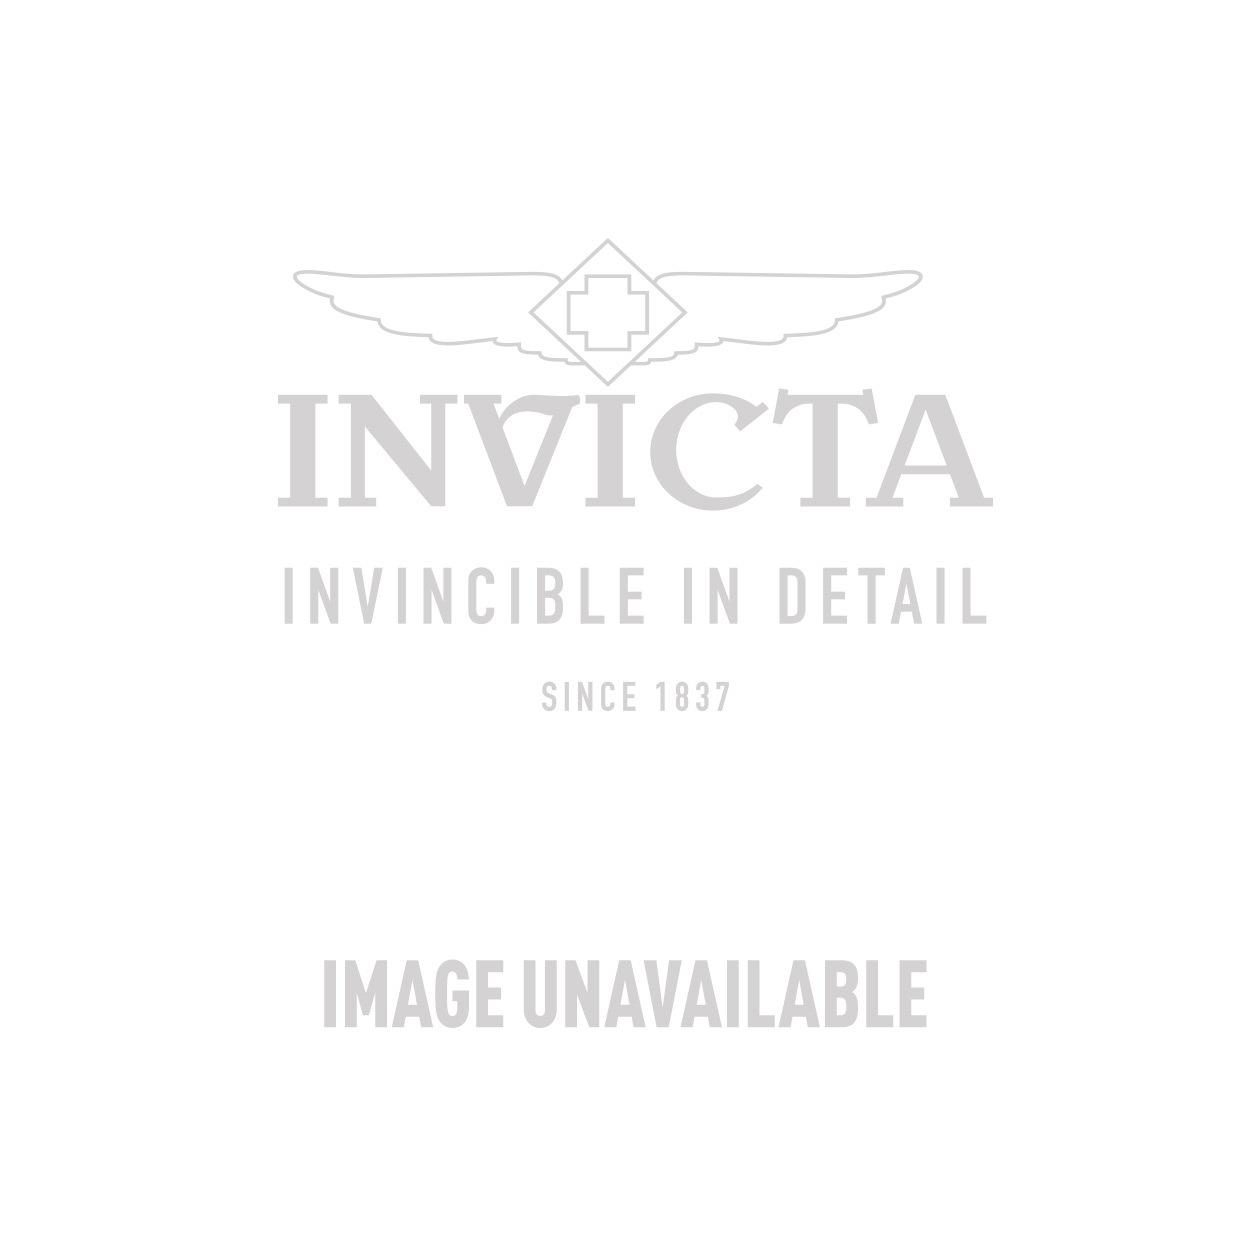 Invicta Model 24563